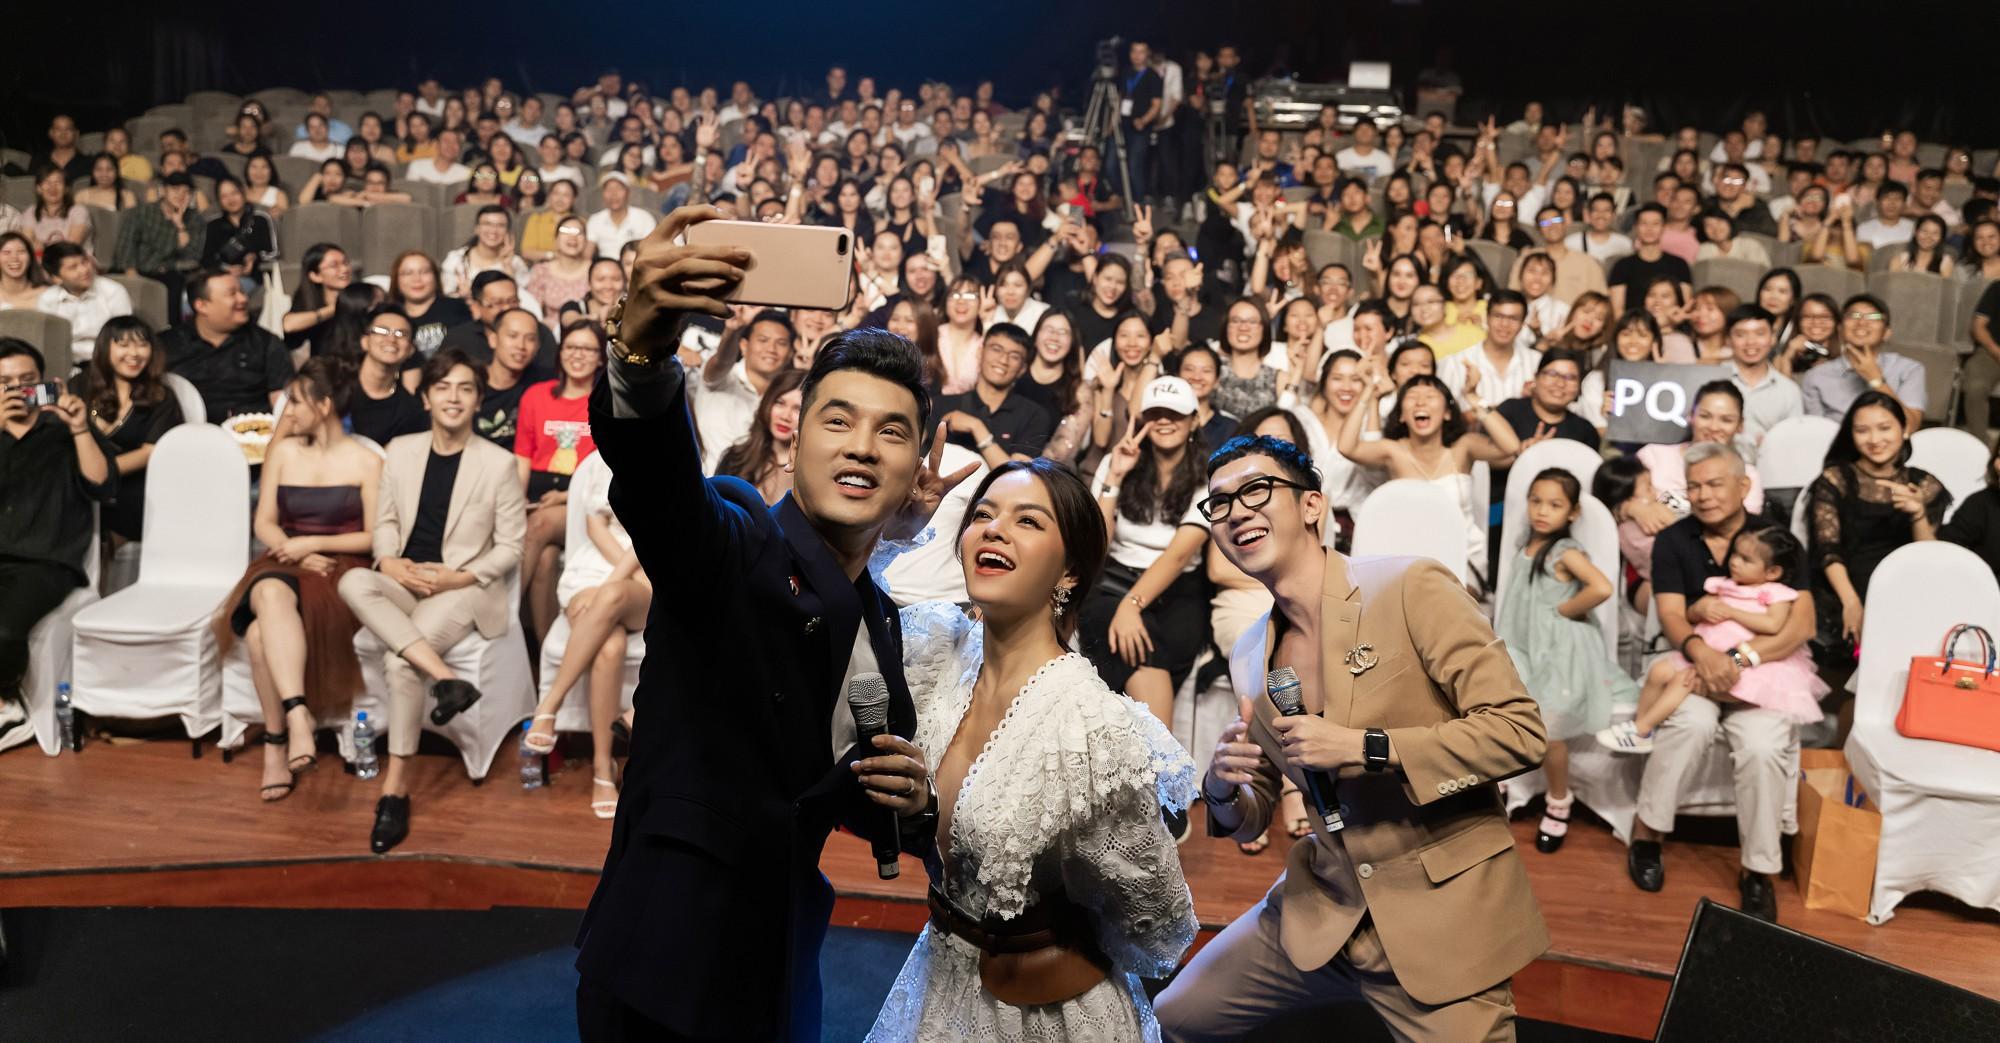 VZN News: Phạm Quỳnh Anh bật khóc trước hàng nghìn khán giả - Ảnh 16.